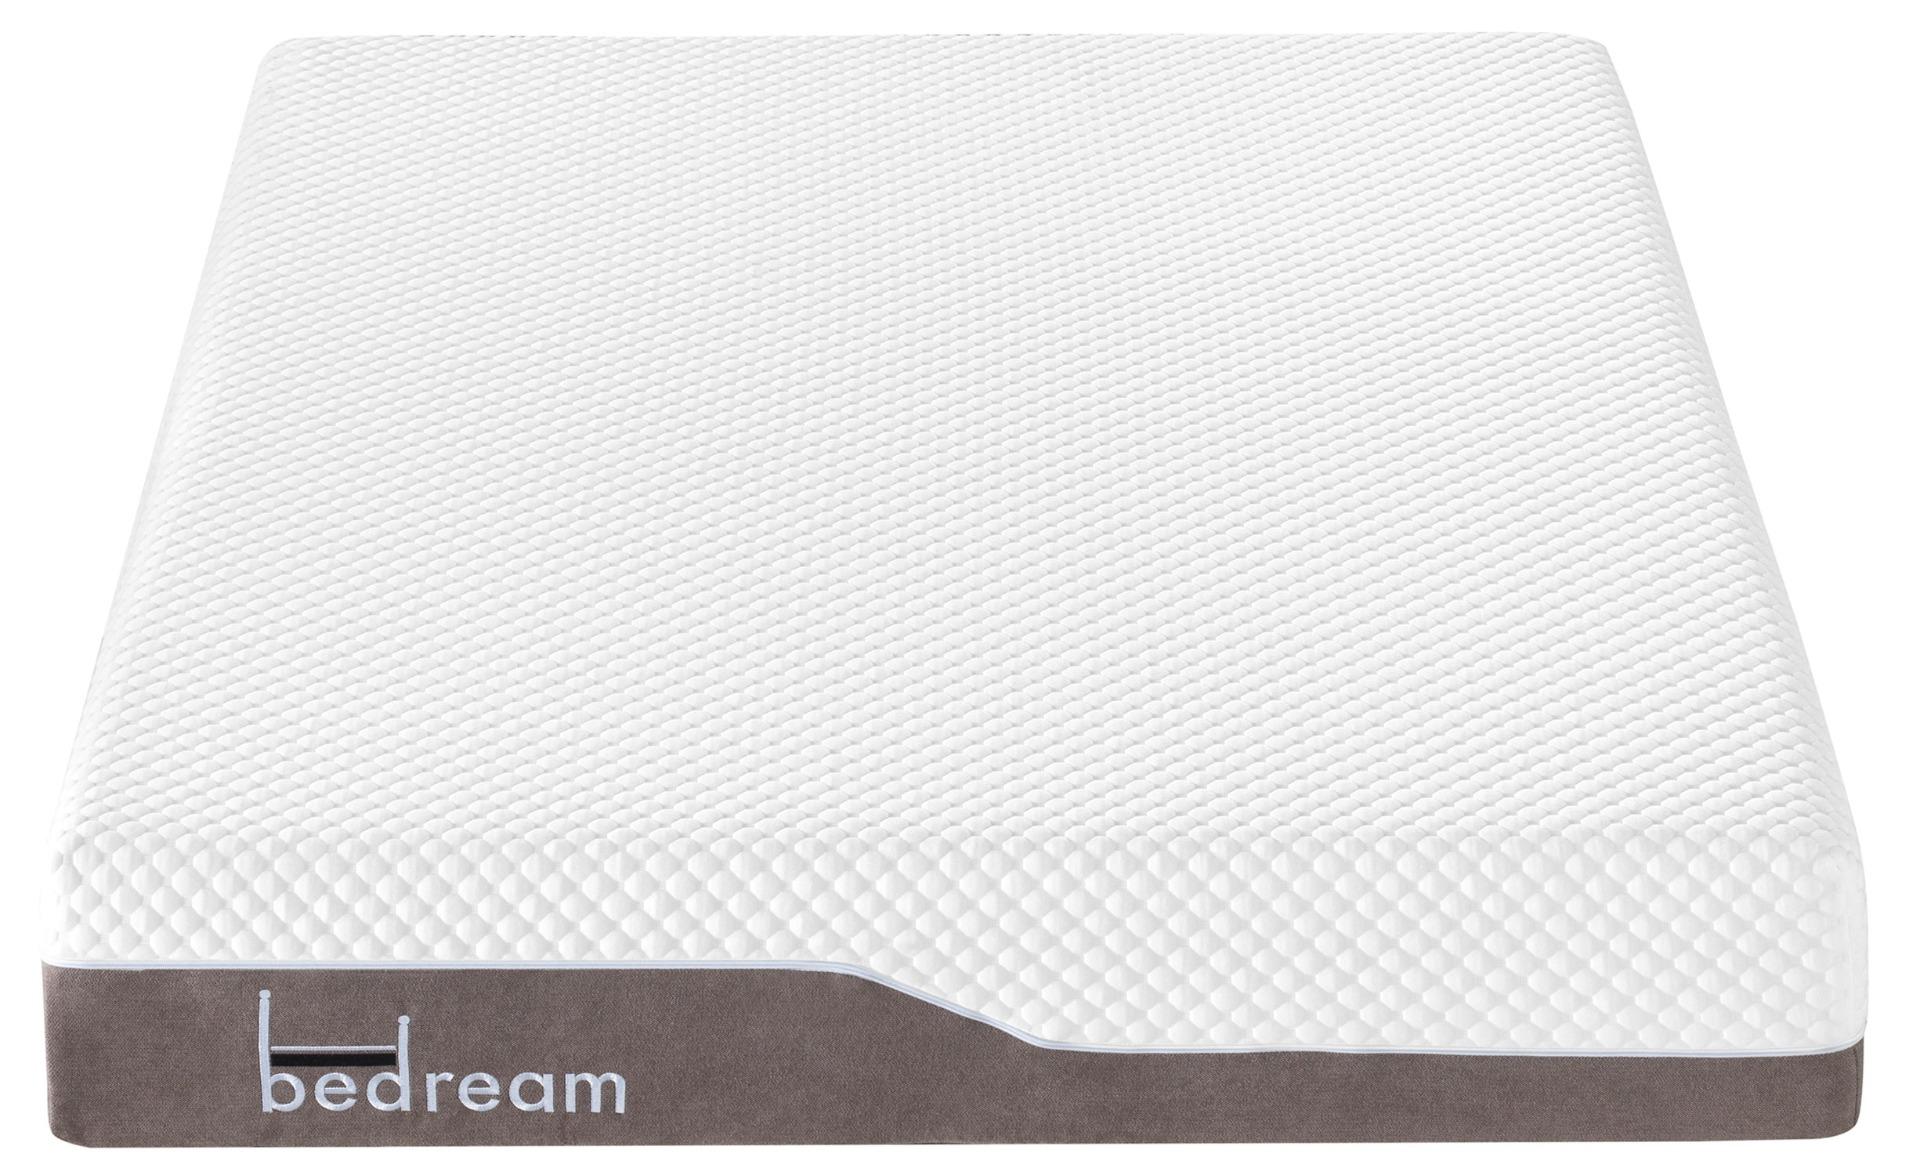 Bedream Premium traagschuim matras 180x200cm